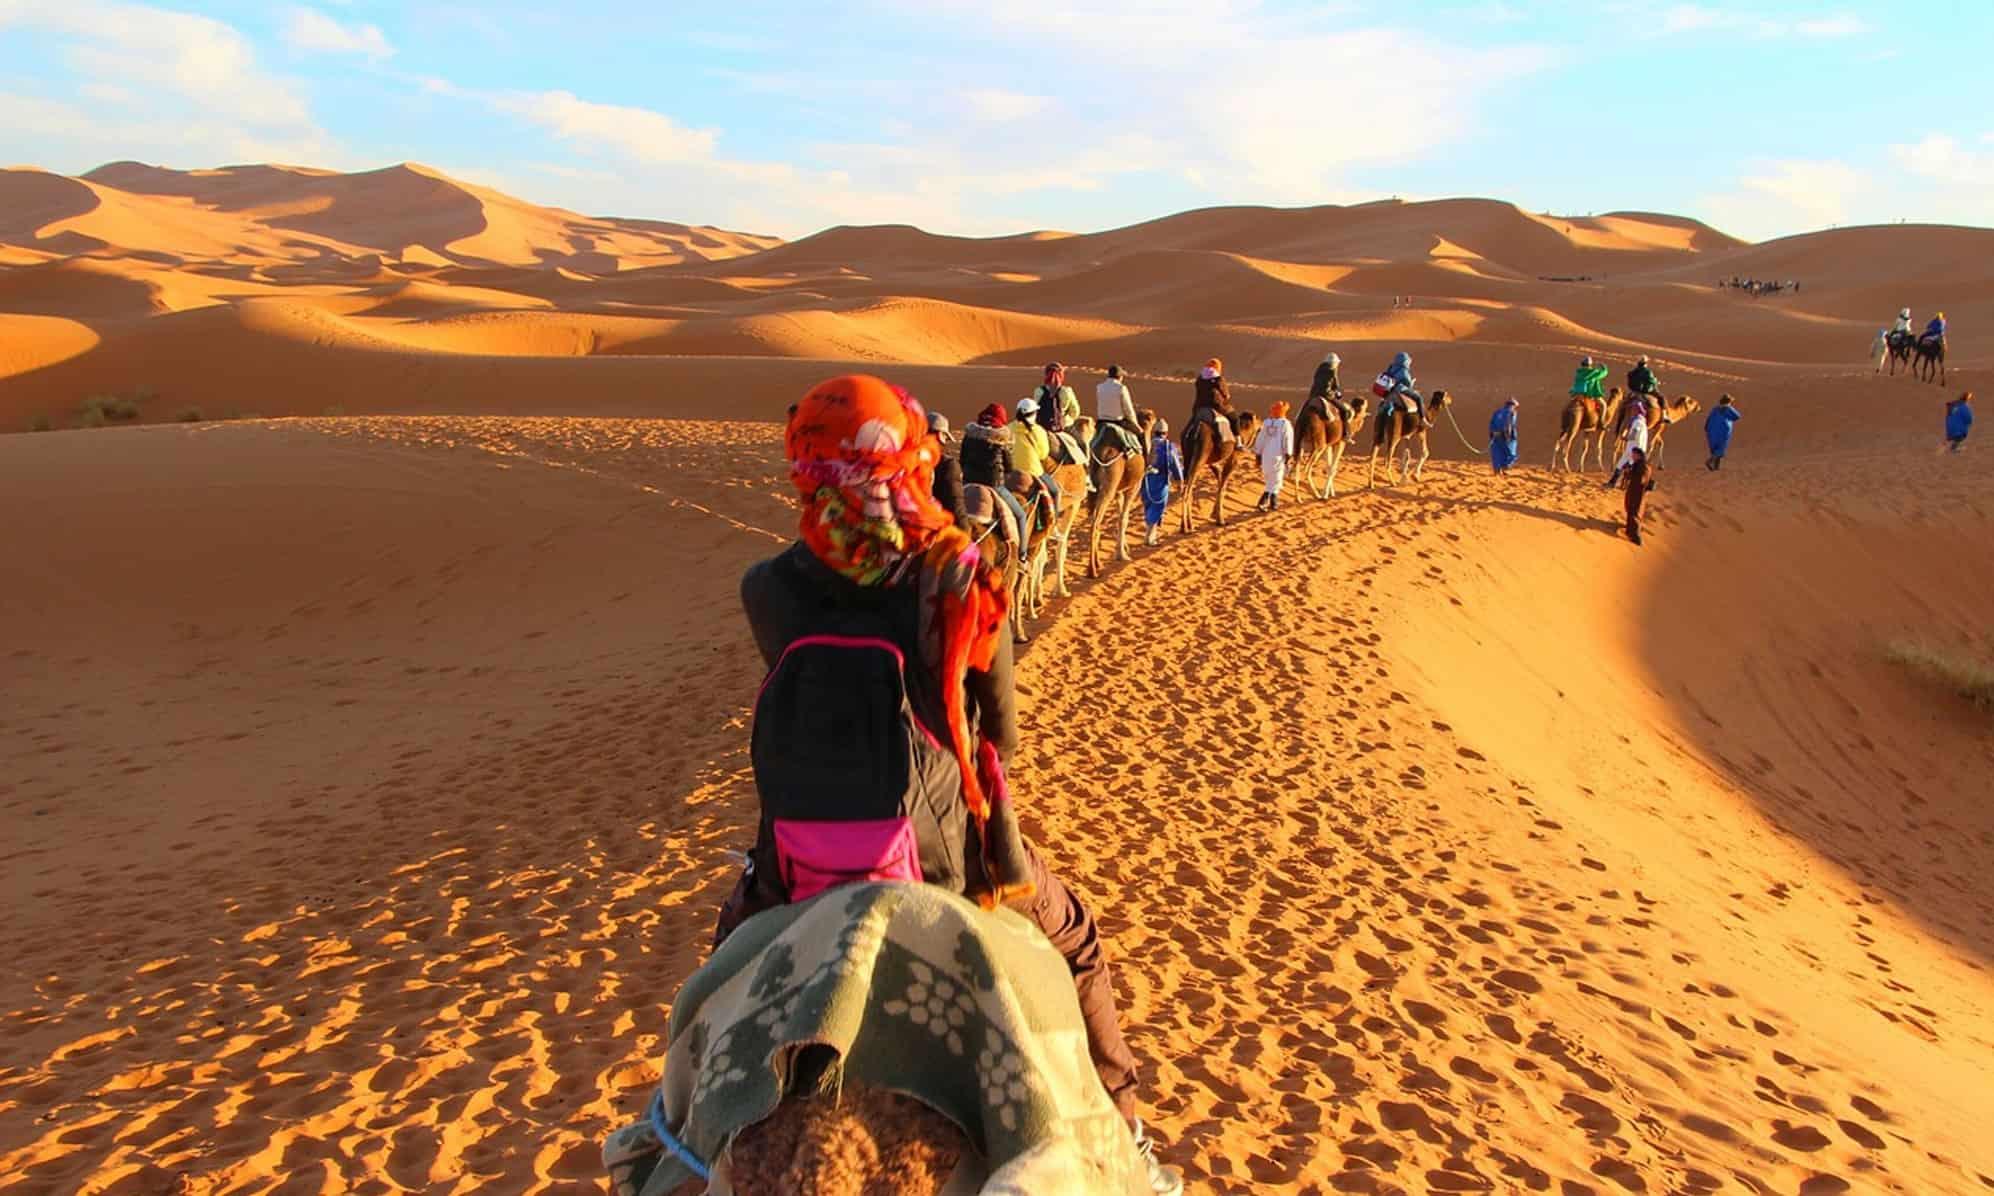 Caravana de Camelos Marrocos